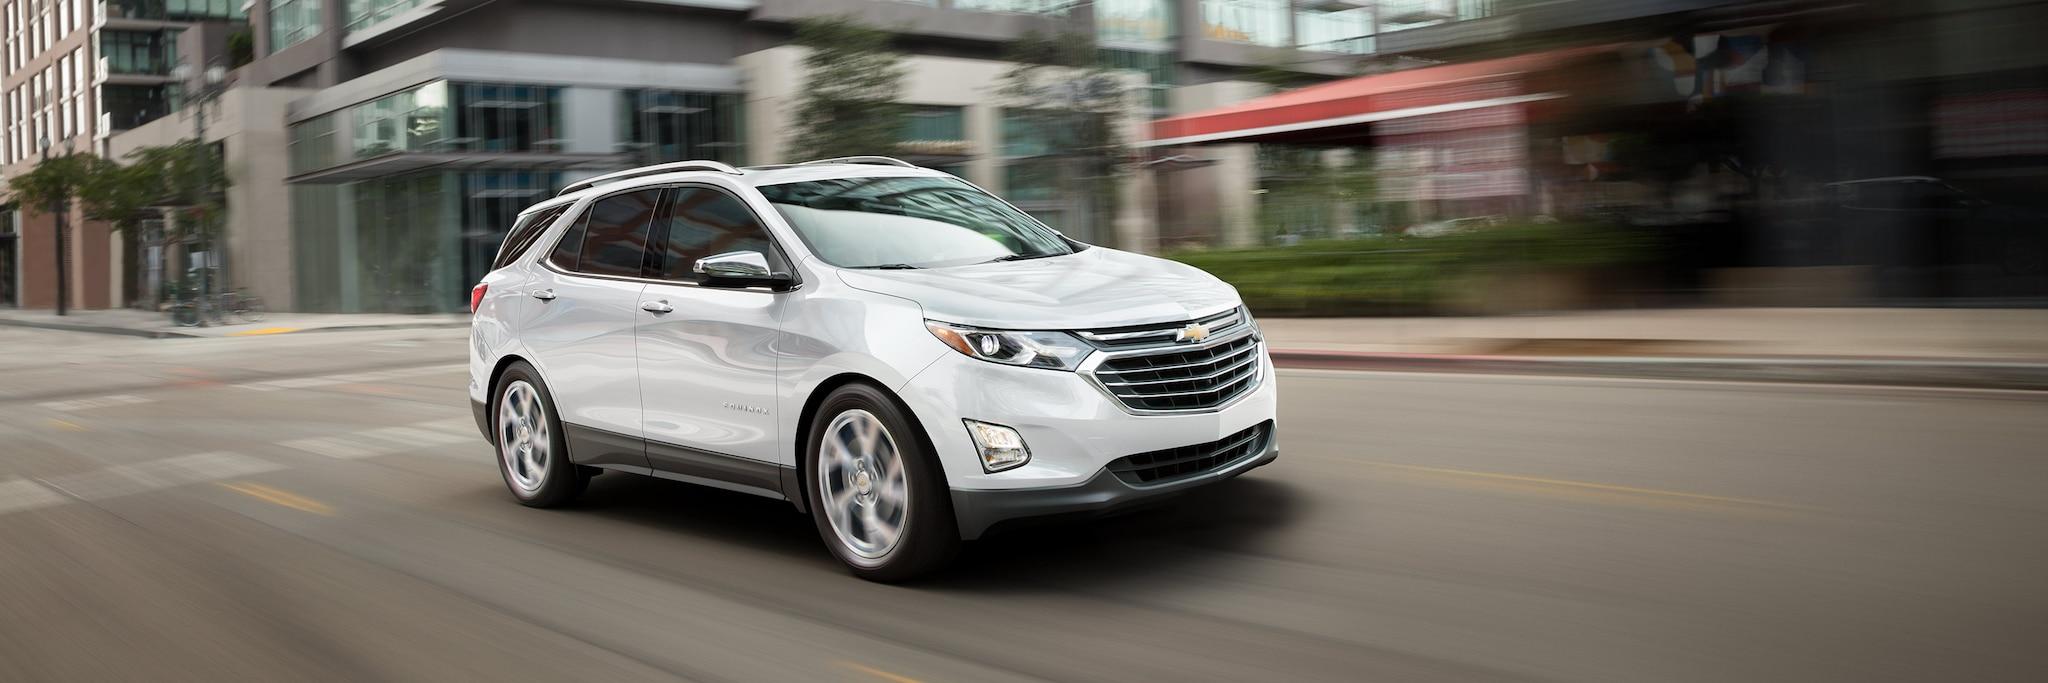 Vehículos diésel Chevrolet: Equinox